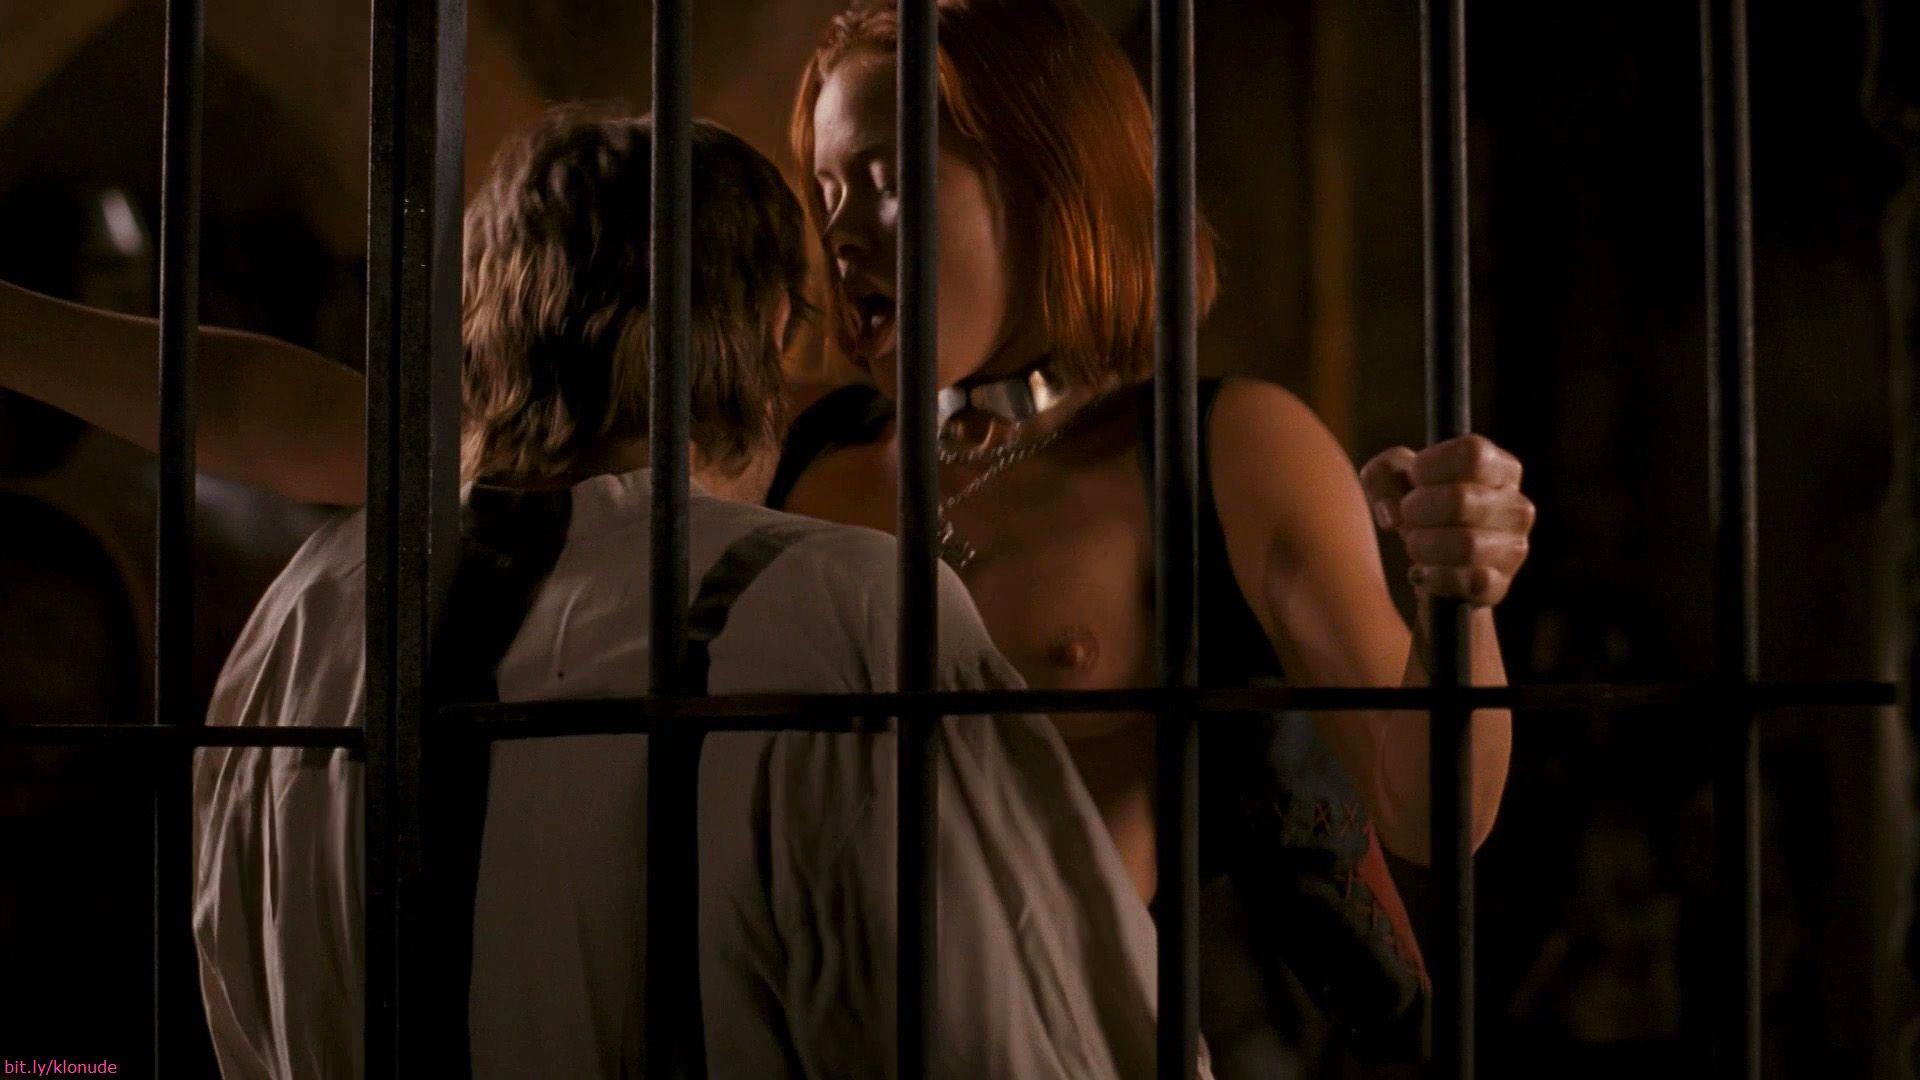 Opinion Terminator love scene girl nude idea